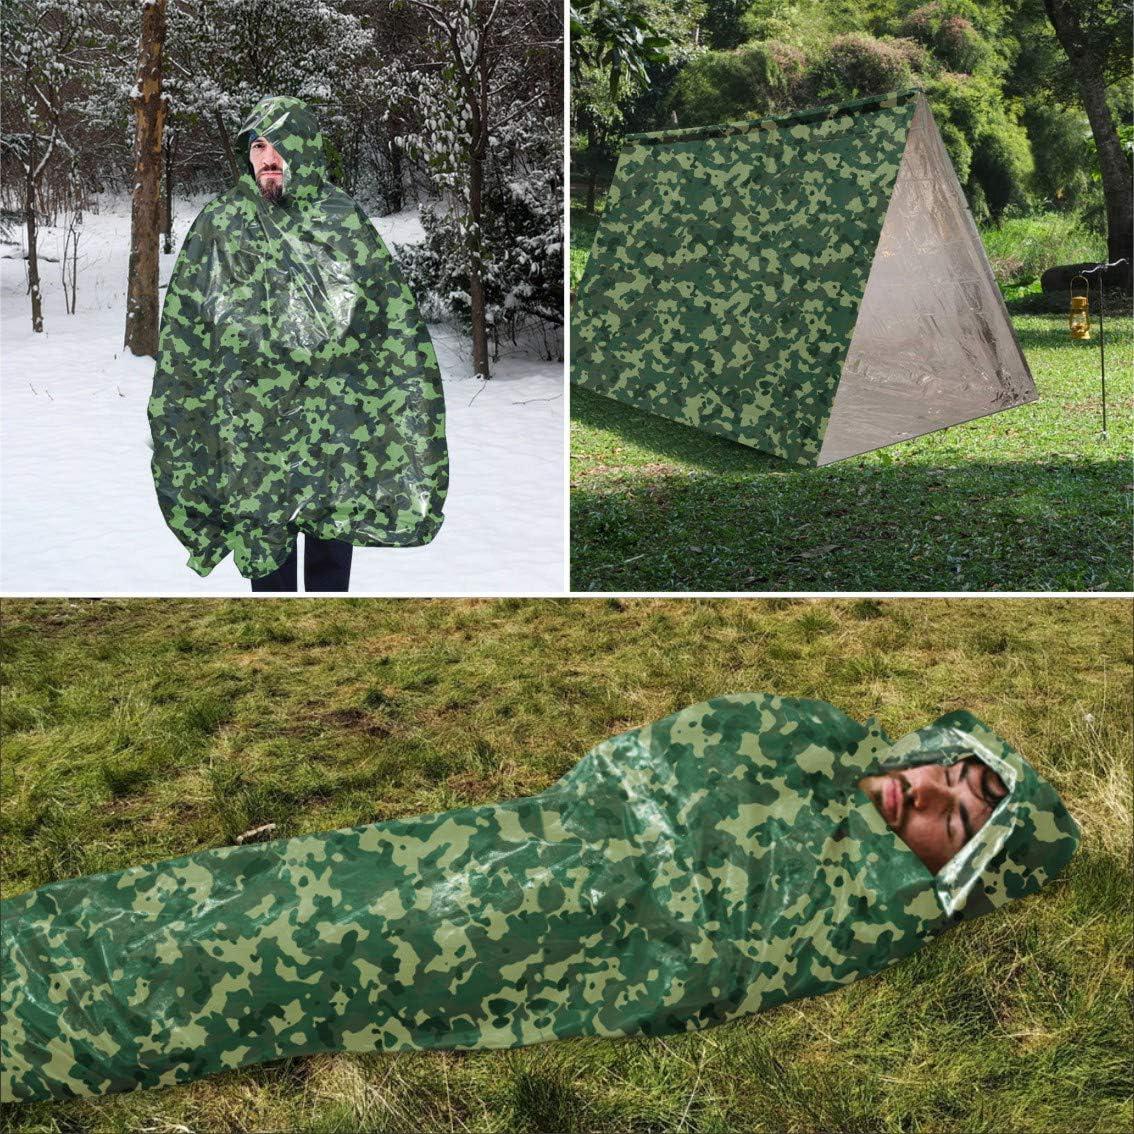 Chasse Camping activit/és de Plein air Idefair Sac de Couchage durgence avec sifflet de Survie imperm/éable l/éger Sac de Survie avec sifflet de Survie pour randonn/ée